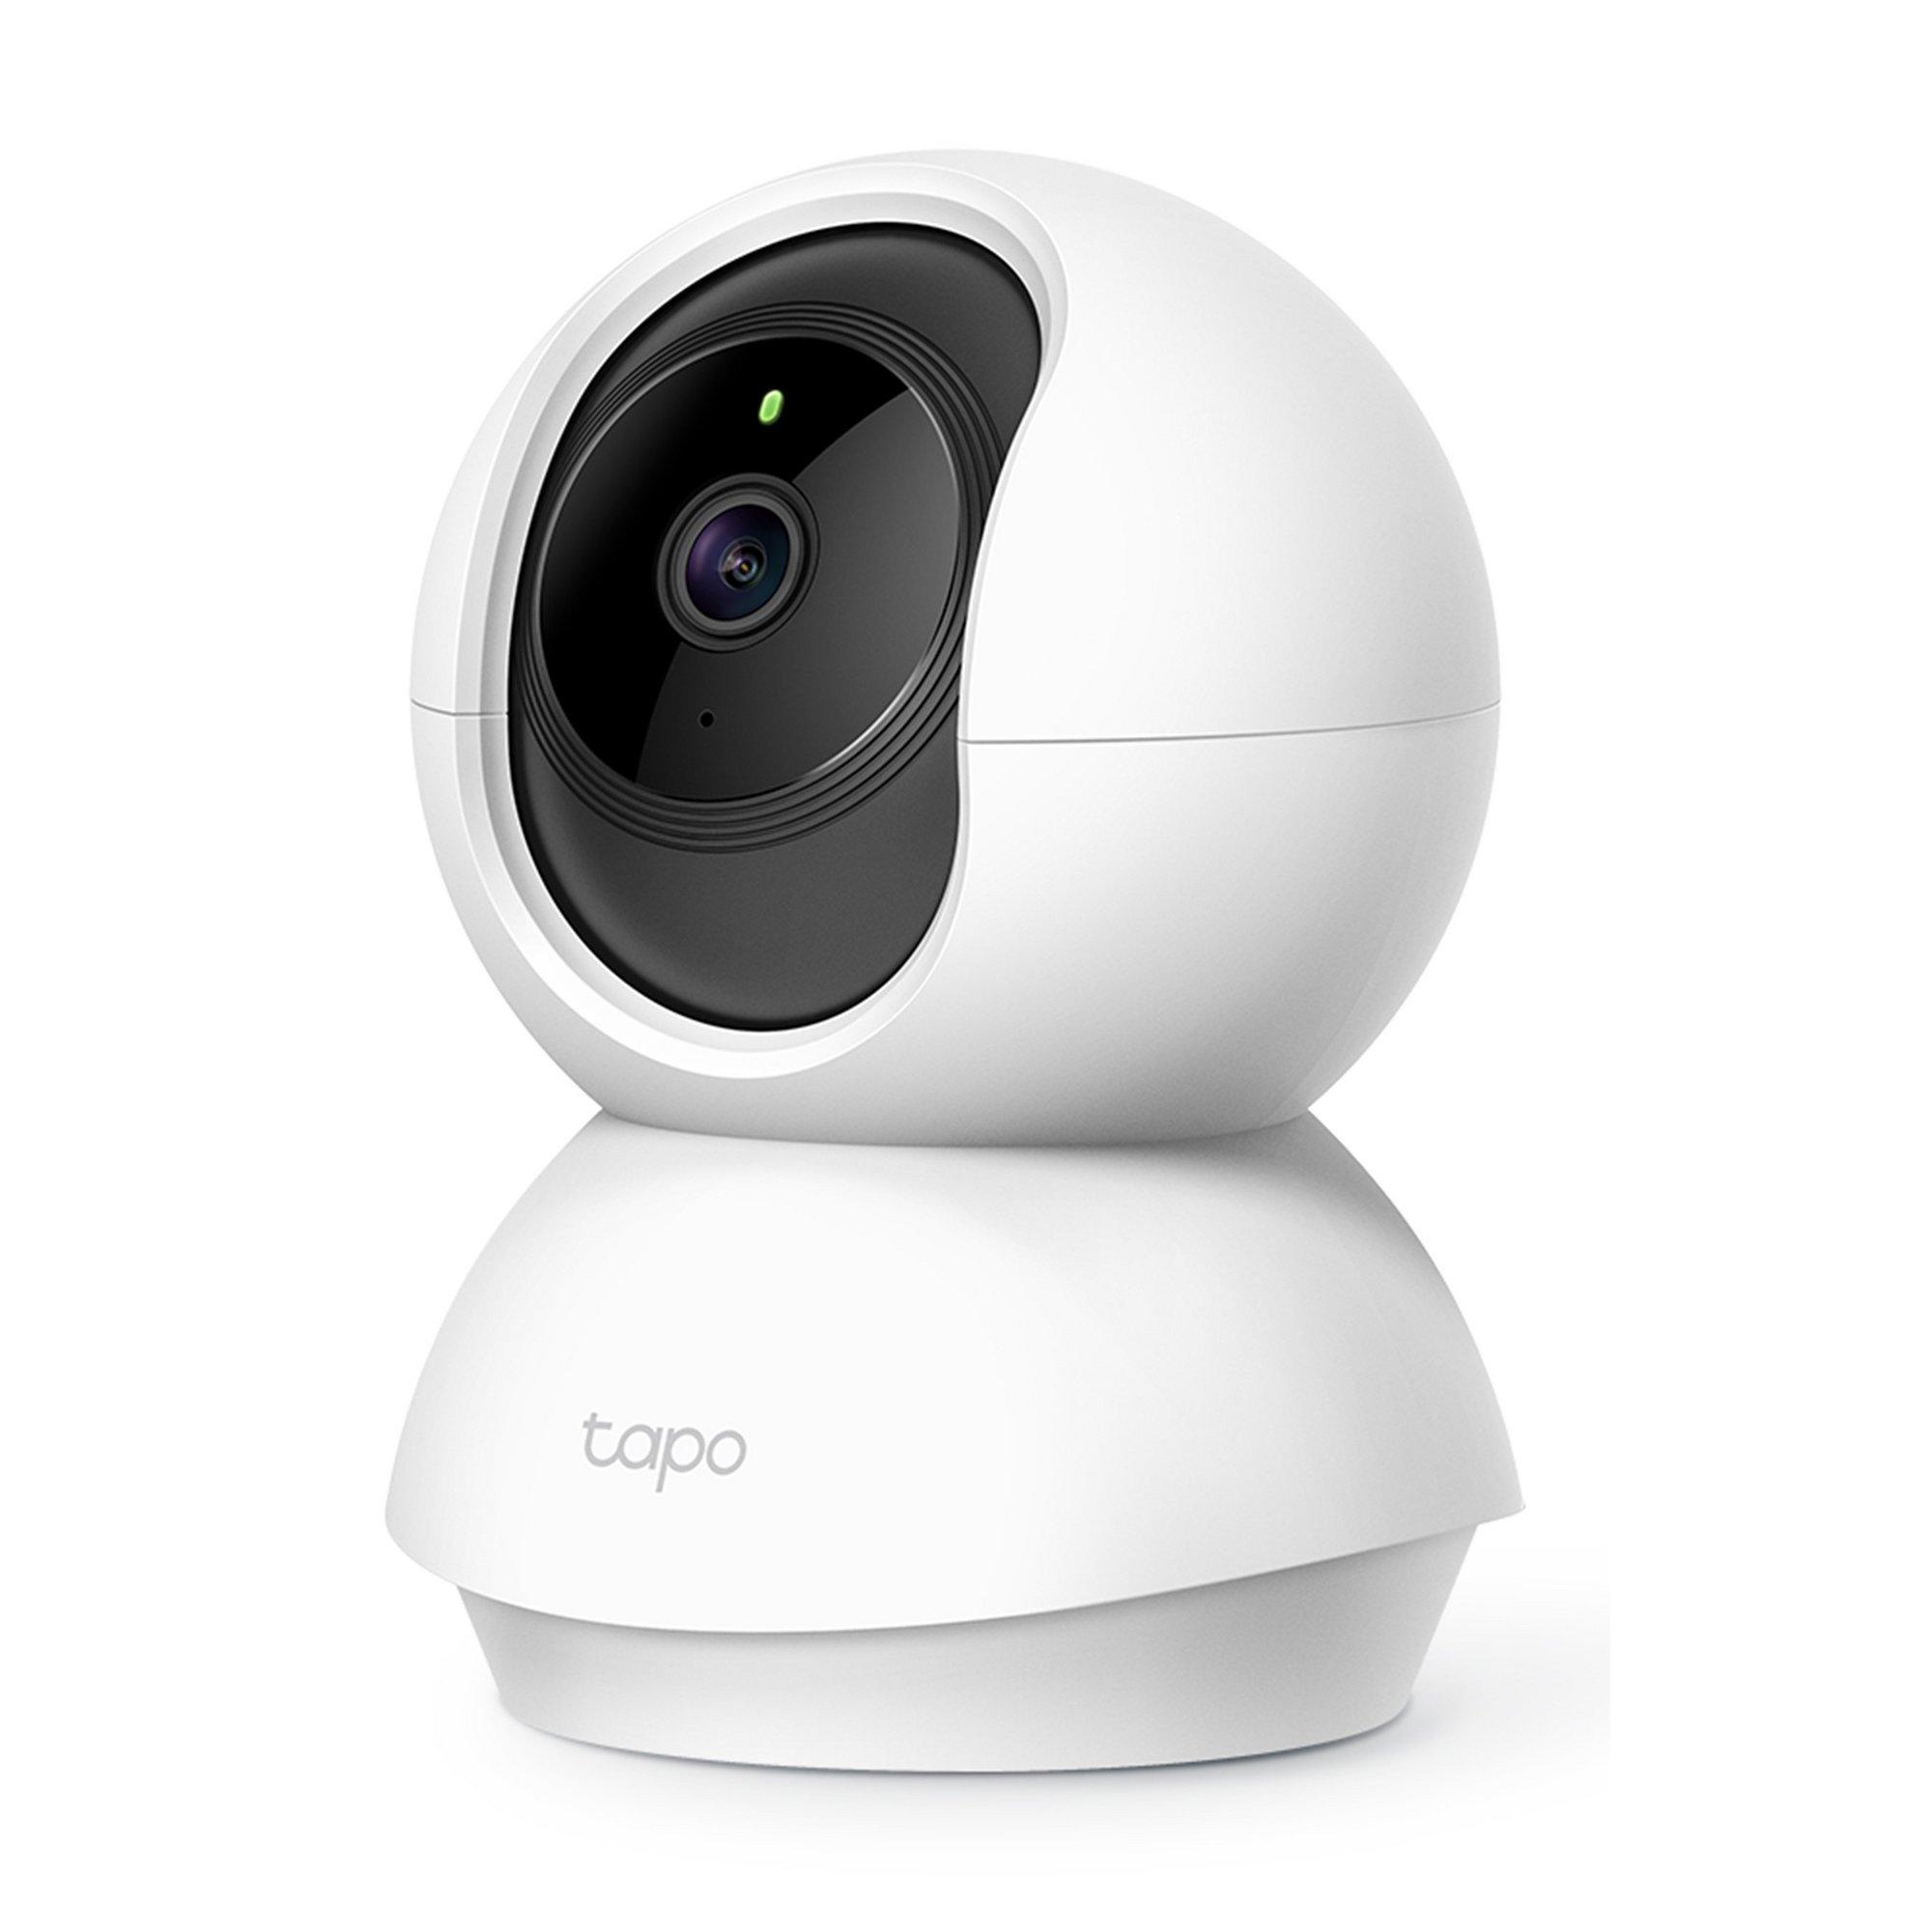 Image of TP-Link Tapo C200 1080p Indoor Pan/Tilt Smart Security Camera